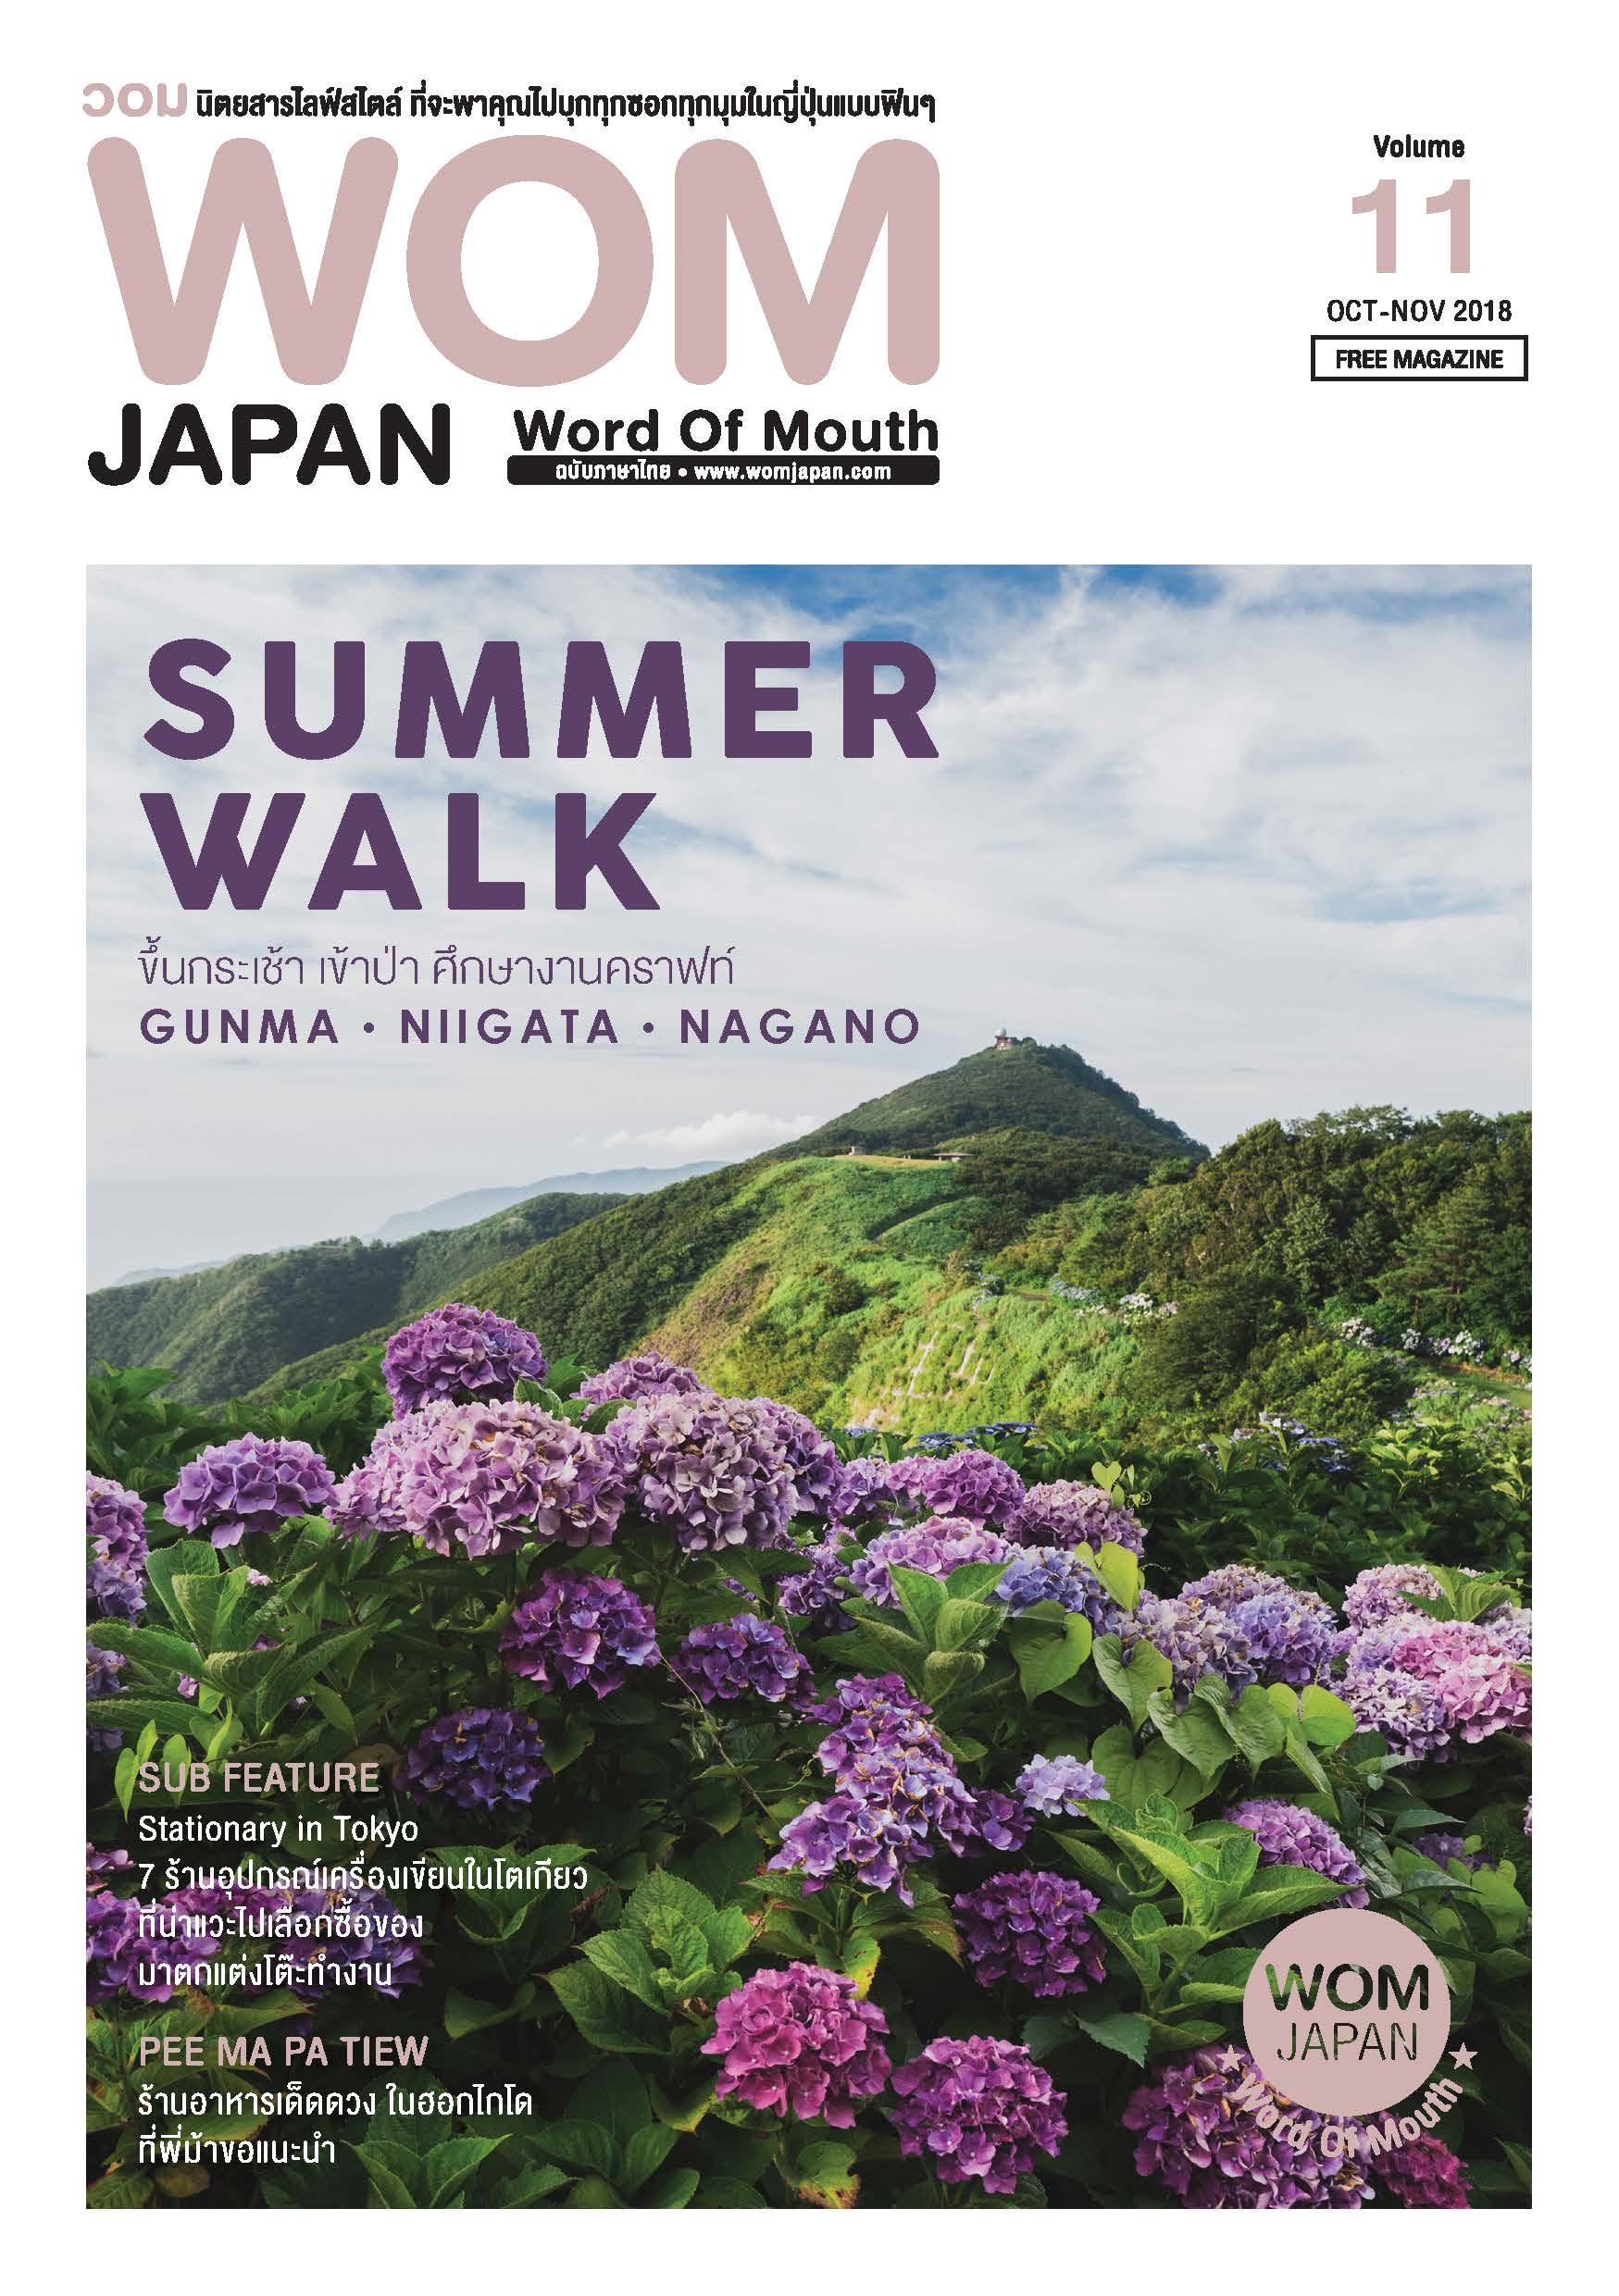 นิตยสารวอม ฉบับเดือนOCT-NOV ปี2018 VOL.11 SUMMMER WALK ขึ้นกระเช้า เข้าป่า ศึกษางานคราฟท์